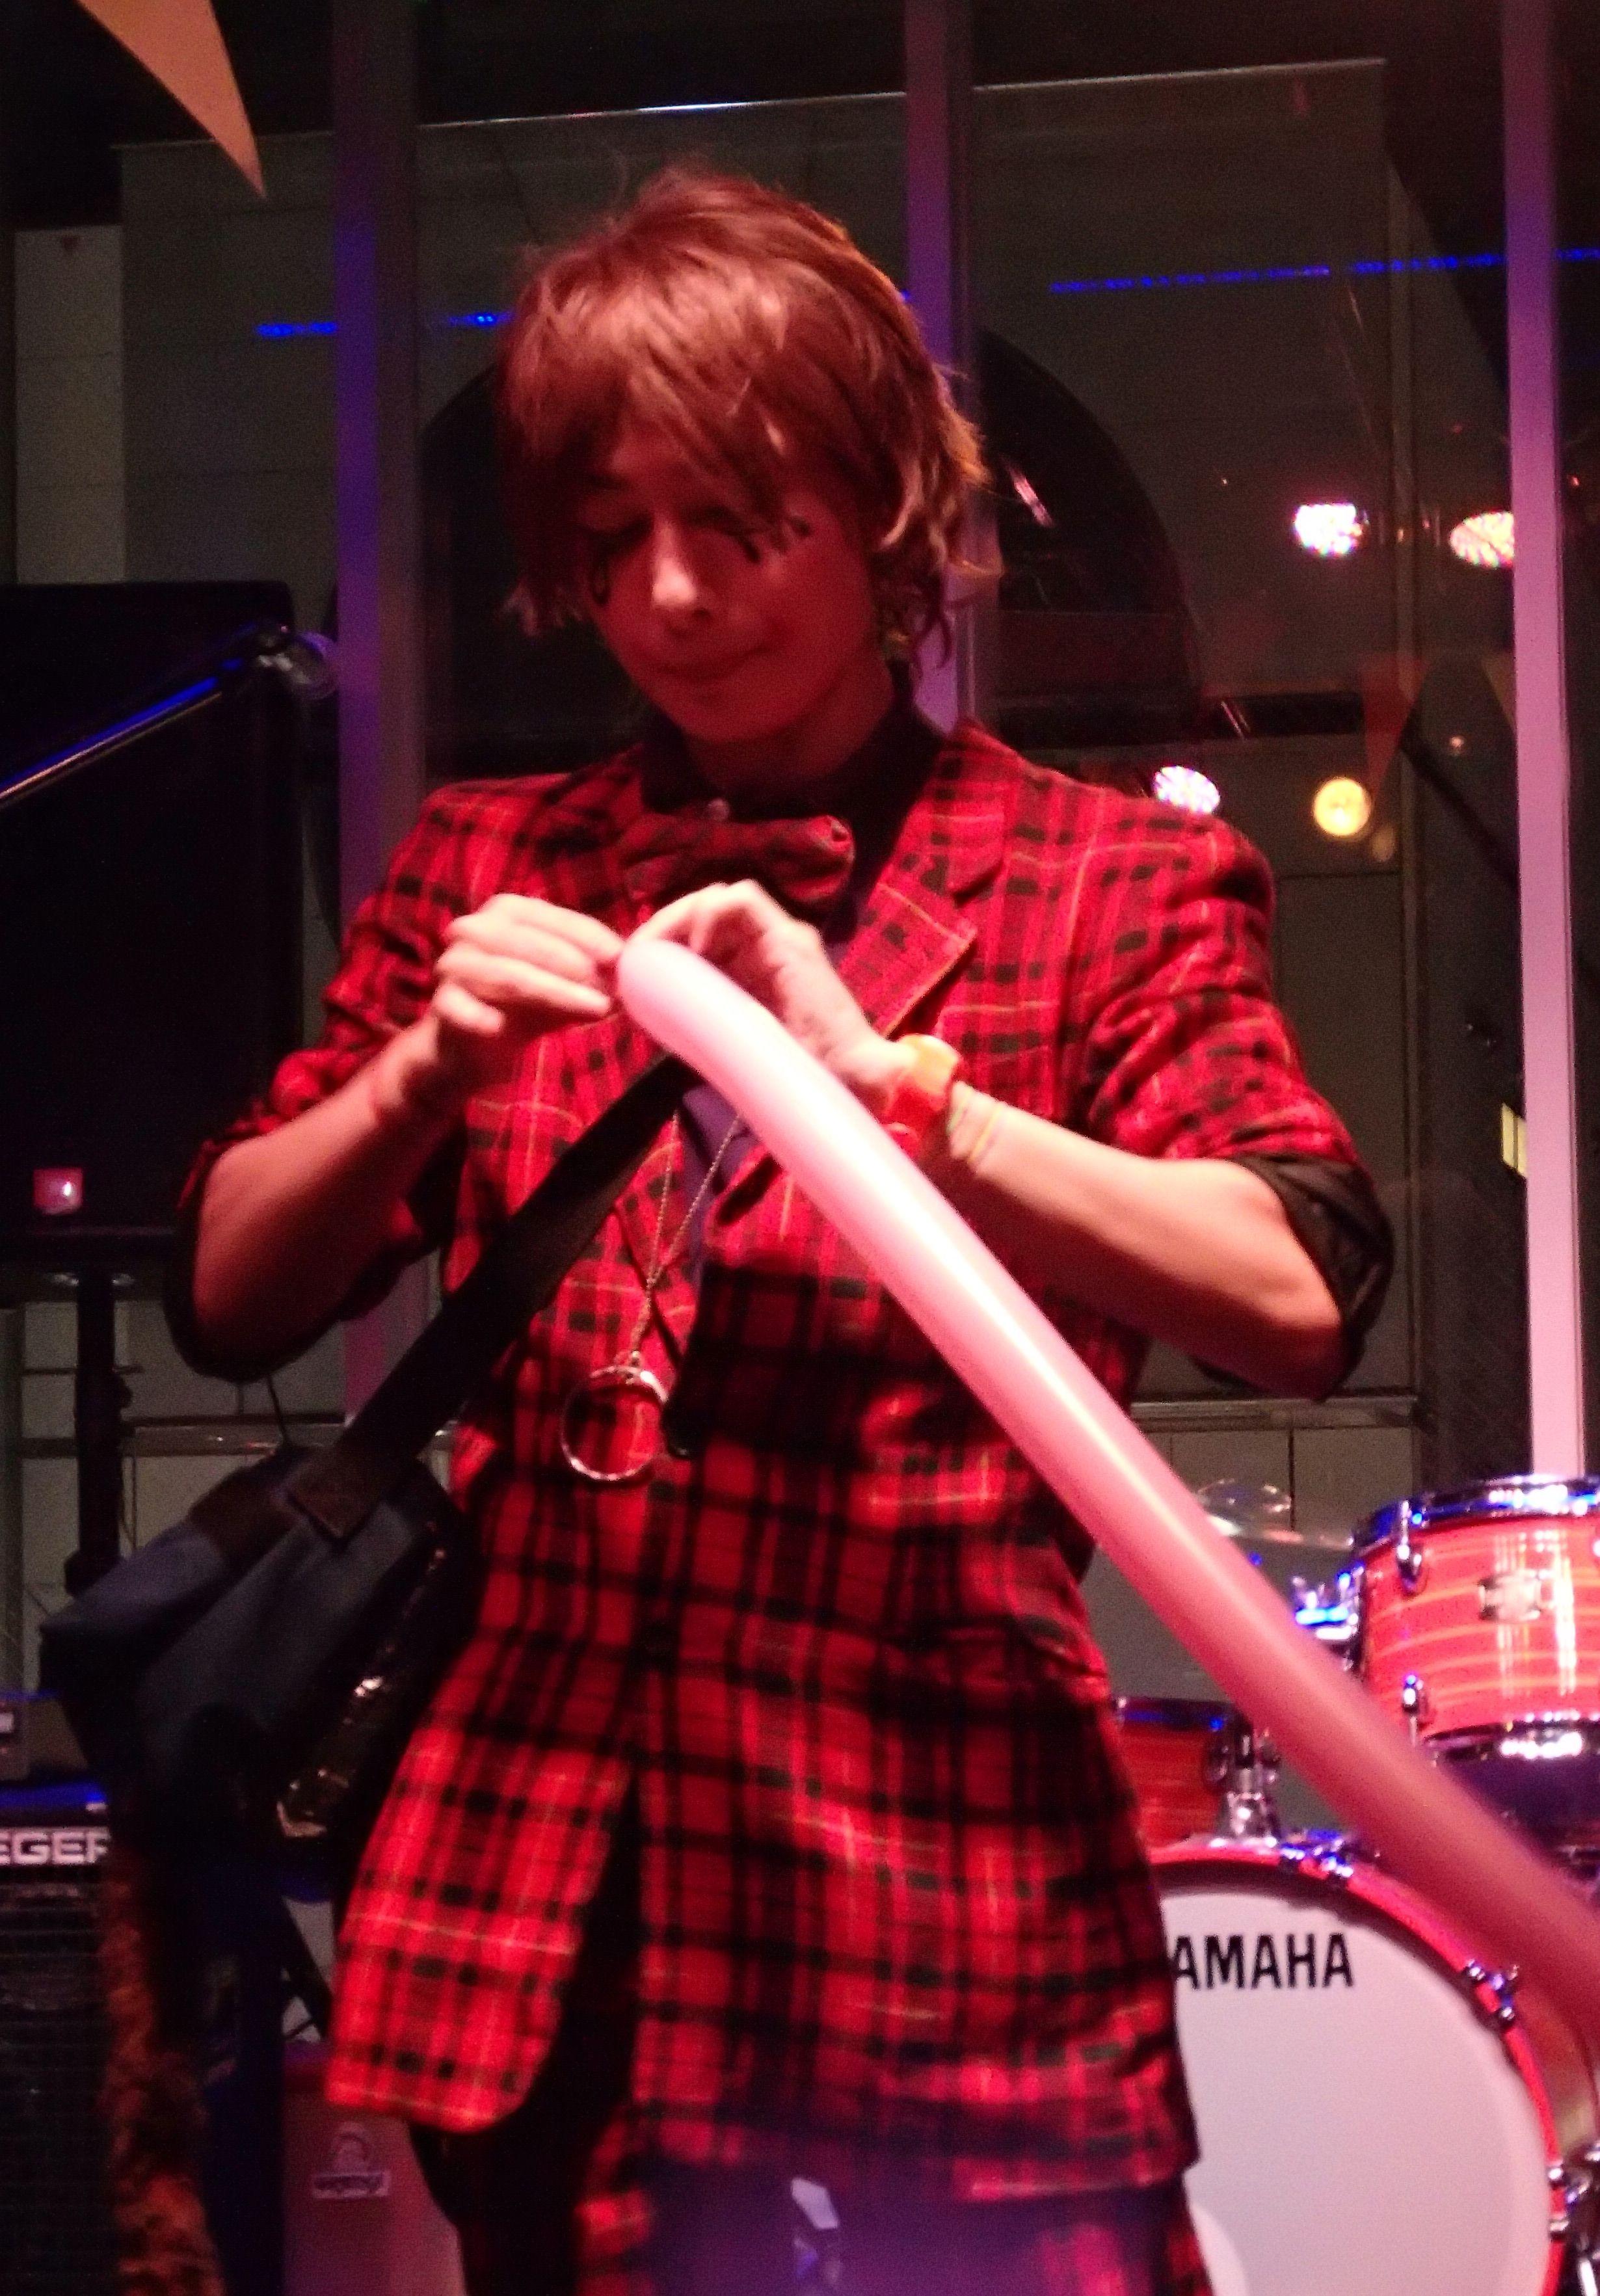 majyo cay presents 「リトグラフ」 at Harajuku NGORO NGORO